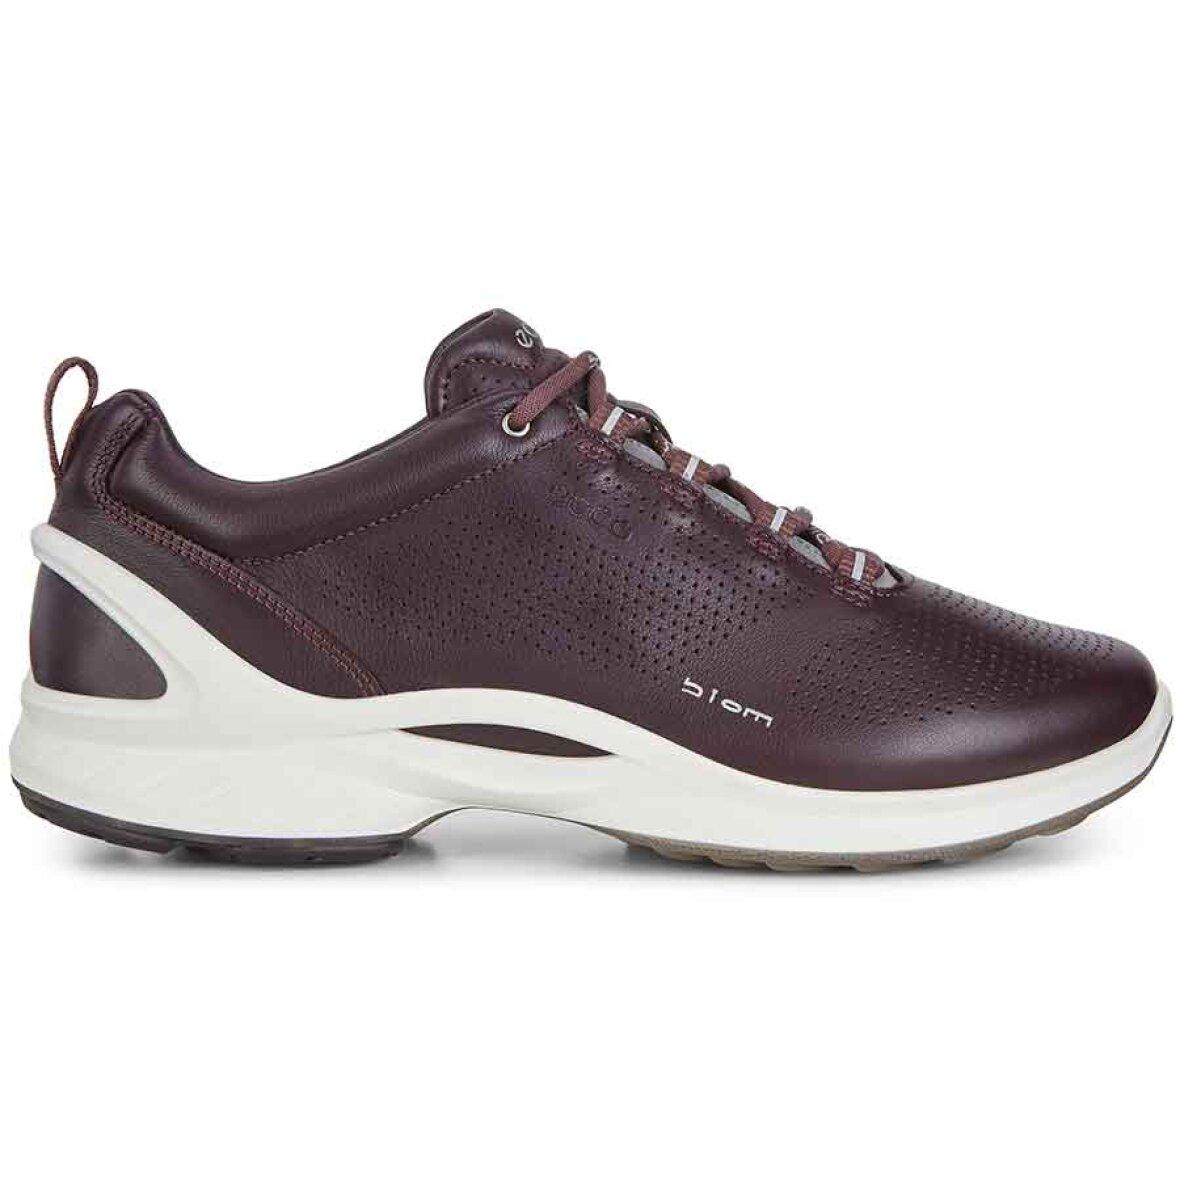 658ce6c5443 ECCO Biom Fjuel - Køb skøn hverdag sko med sportskoens egenskaber